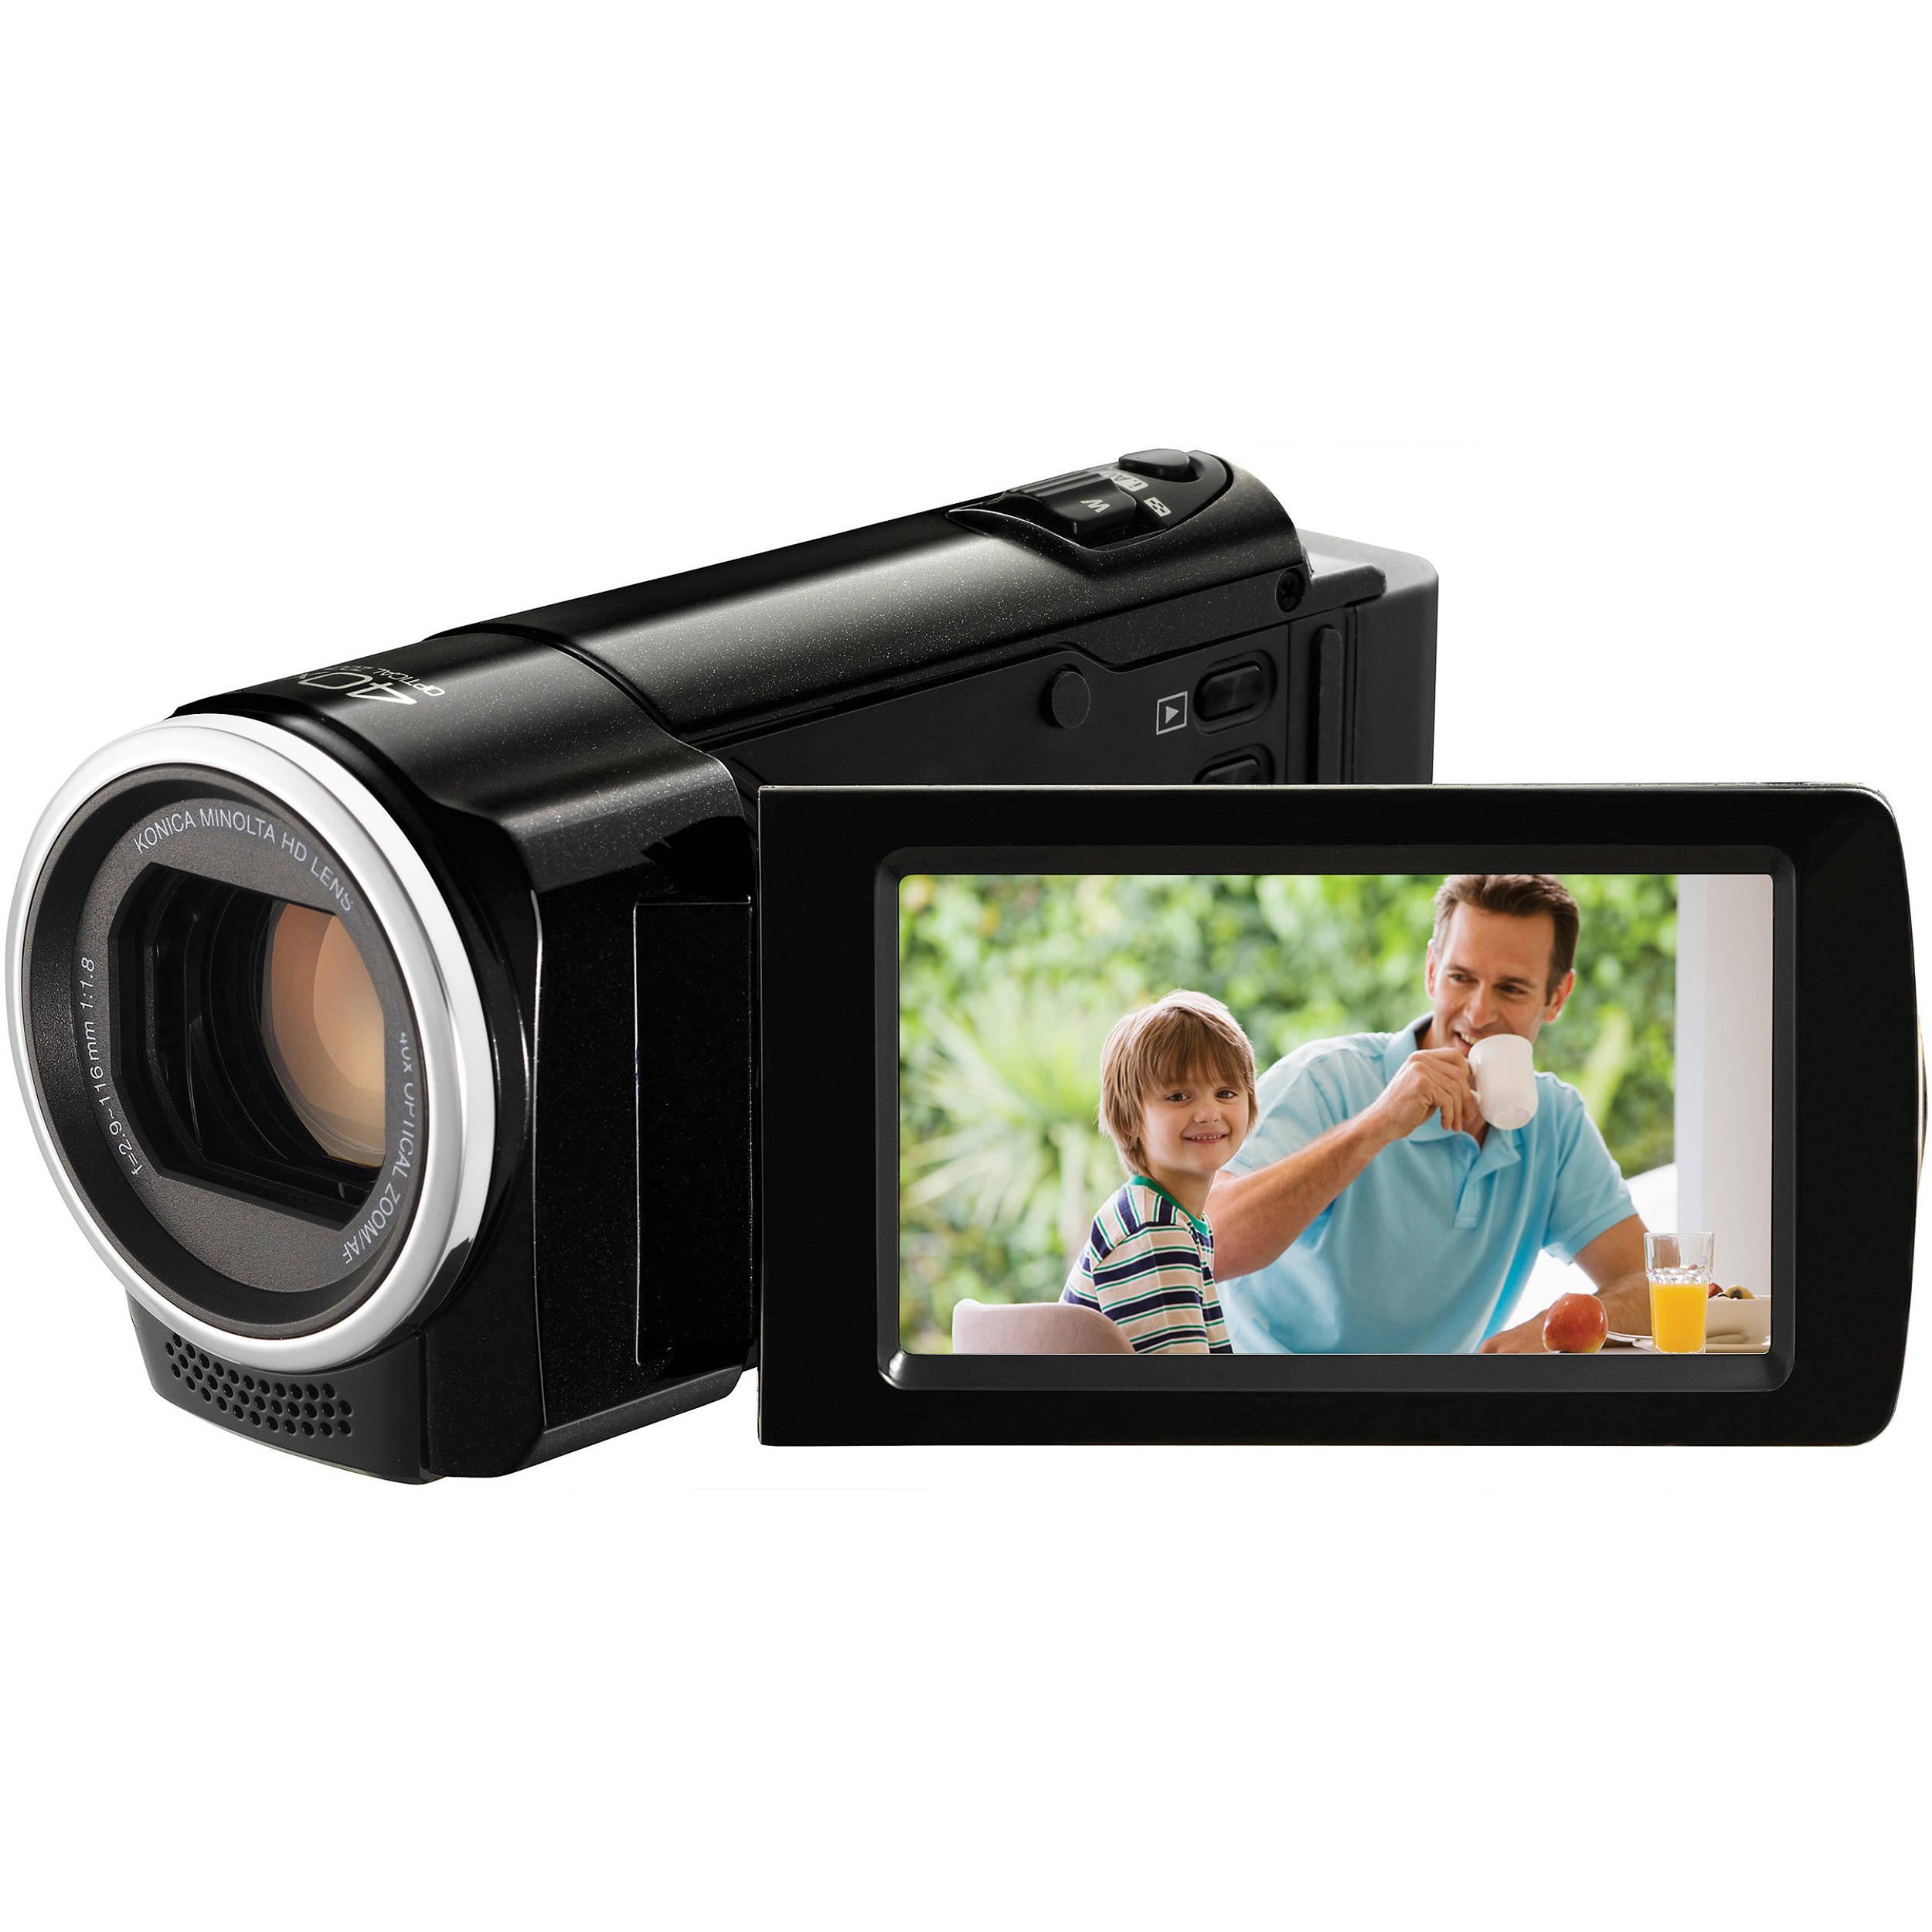 Jvc gz-mg750 everio hard drive camera gzmg750bus b&h photo video.